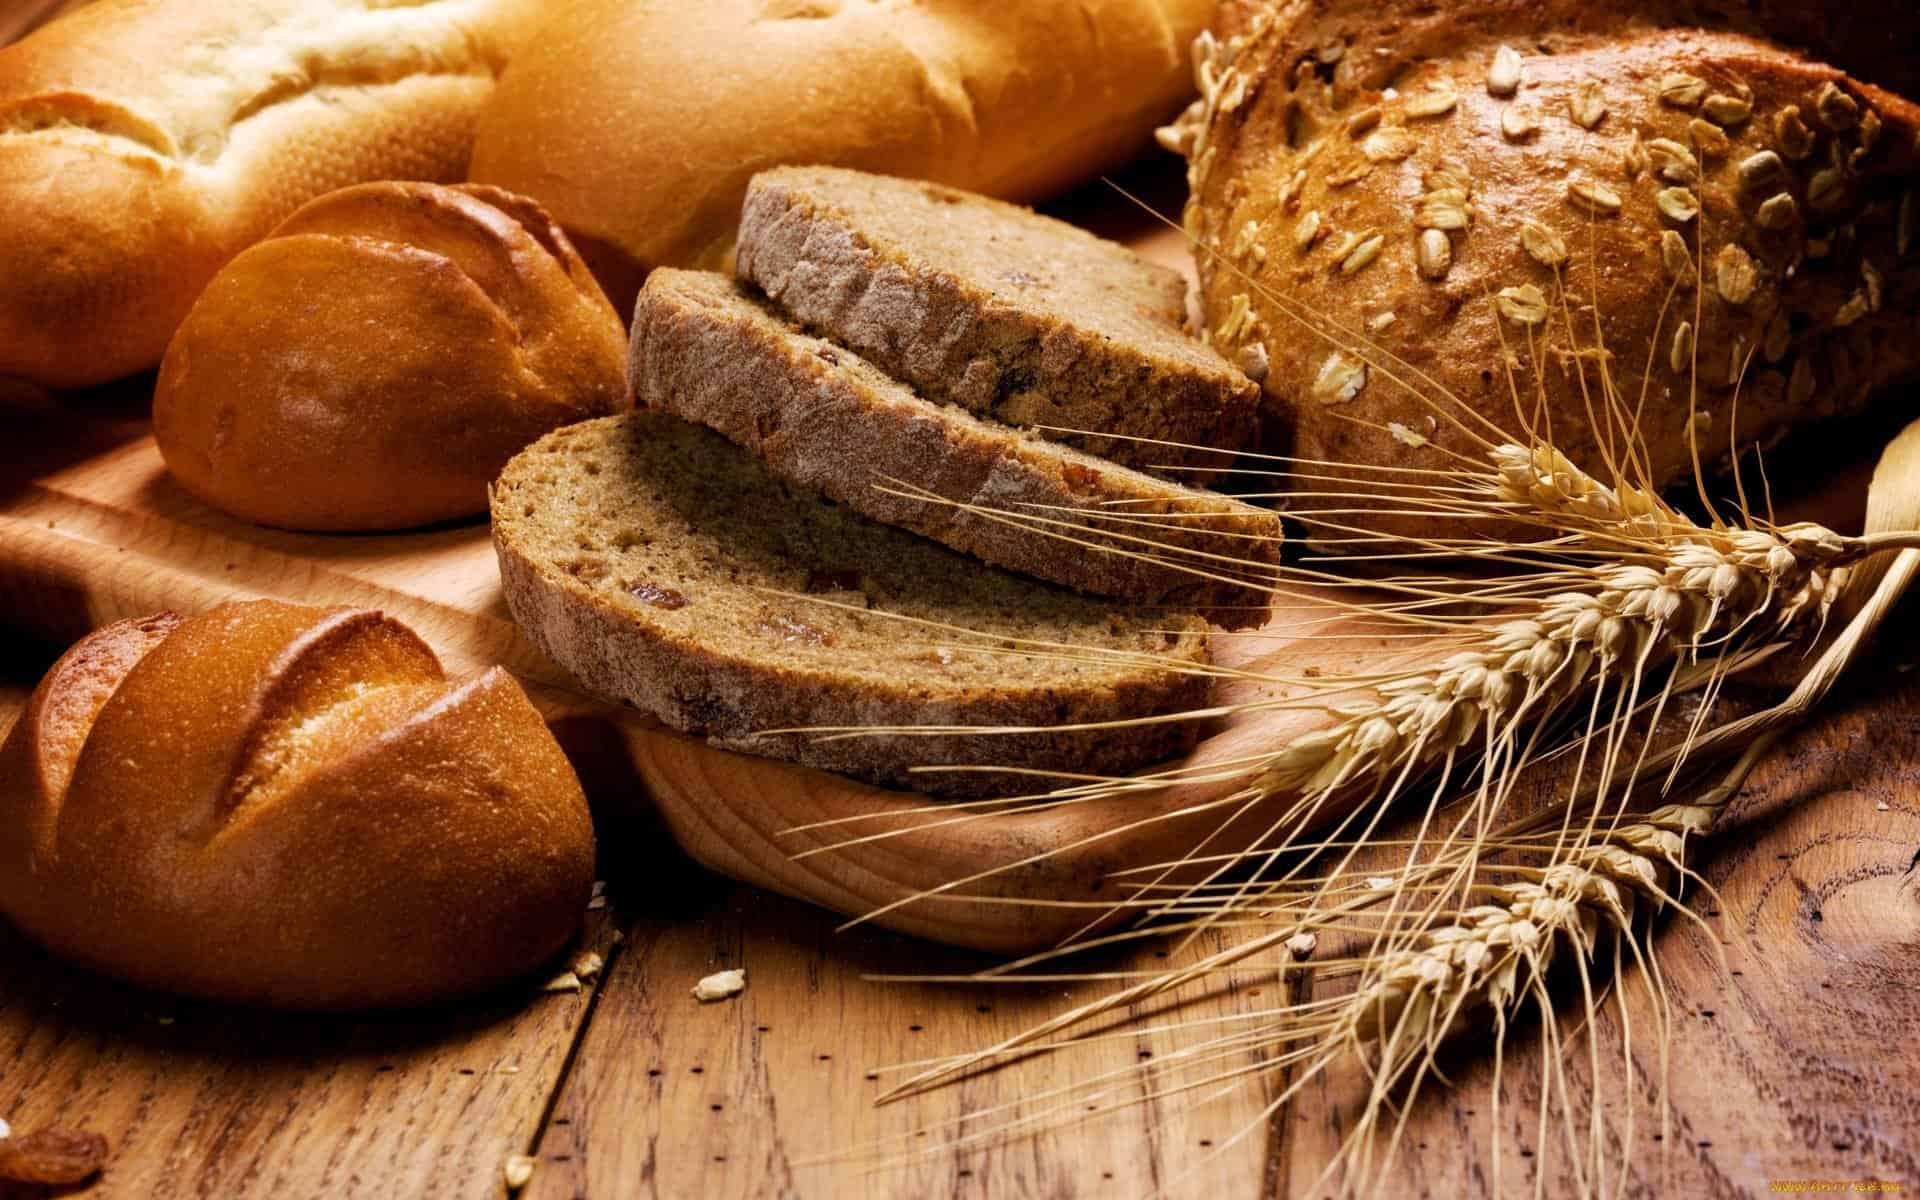 تفسير الخبز في المنام